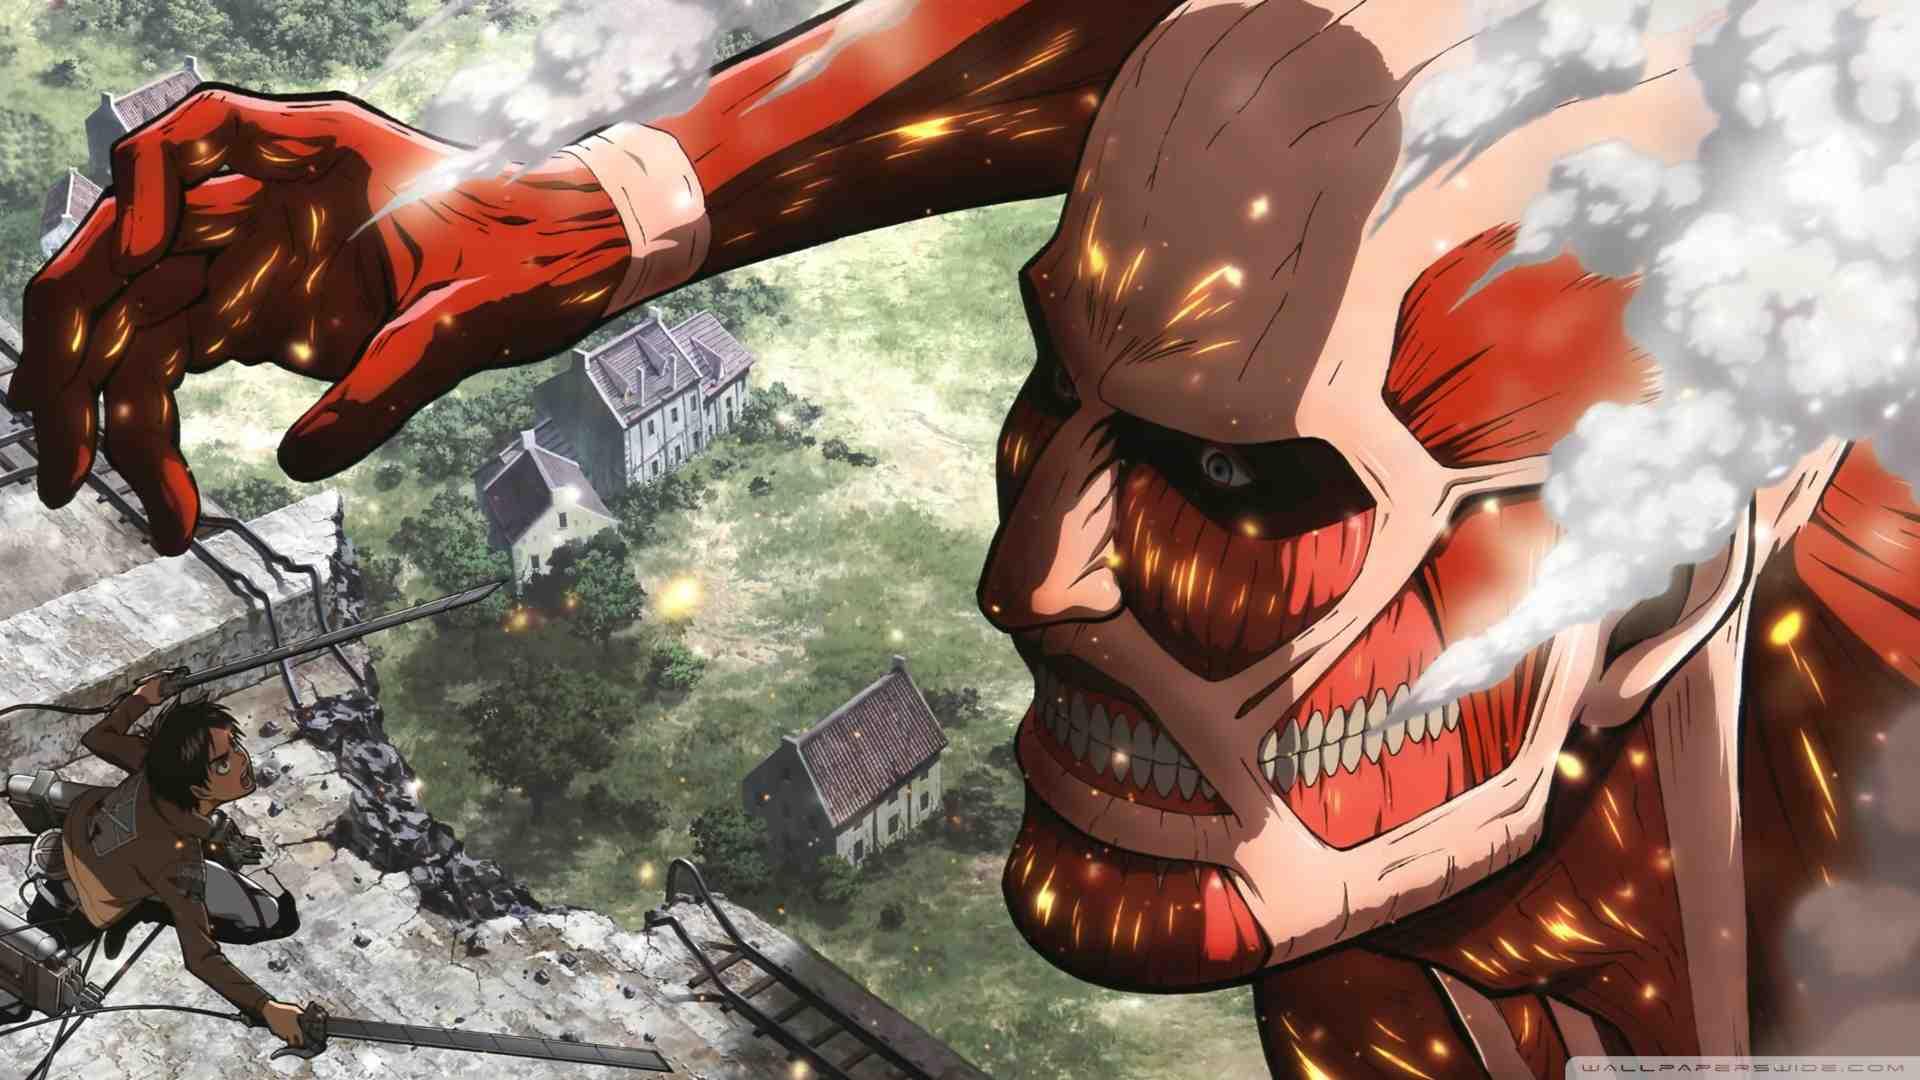 New Attack On Titan Collaboration